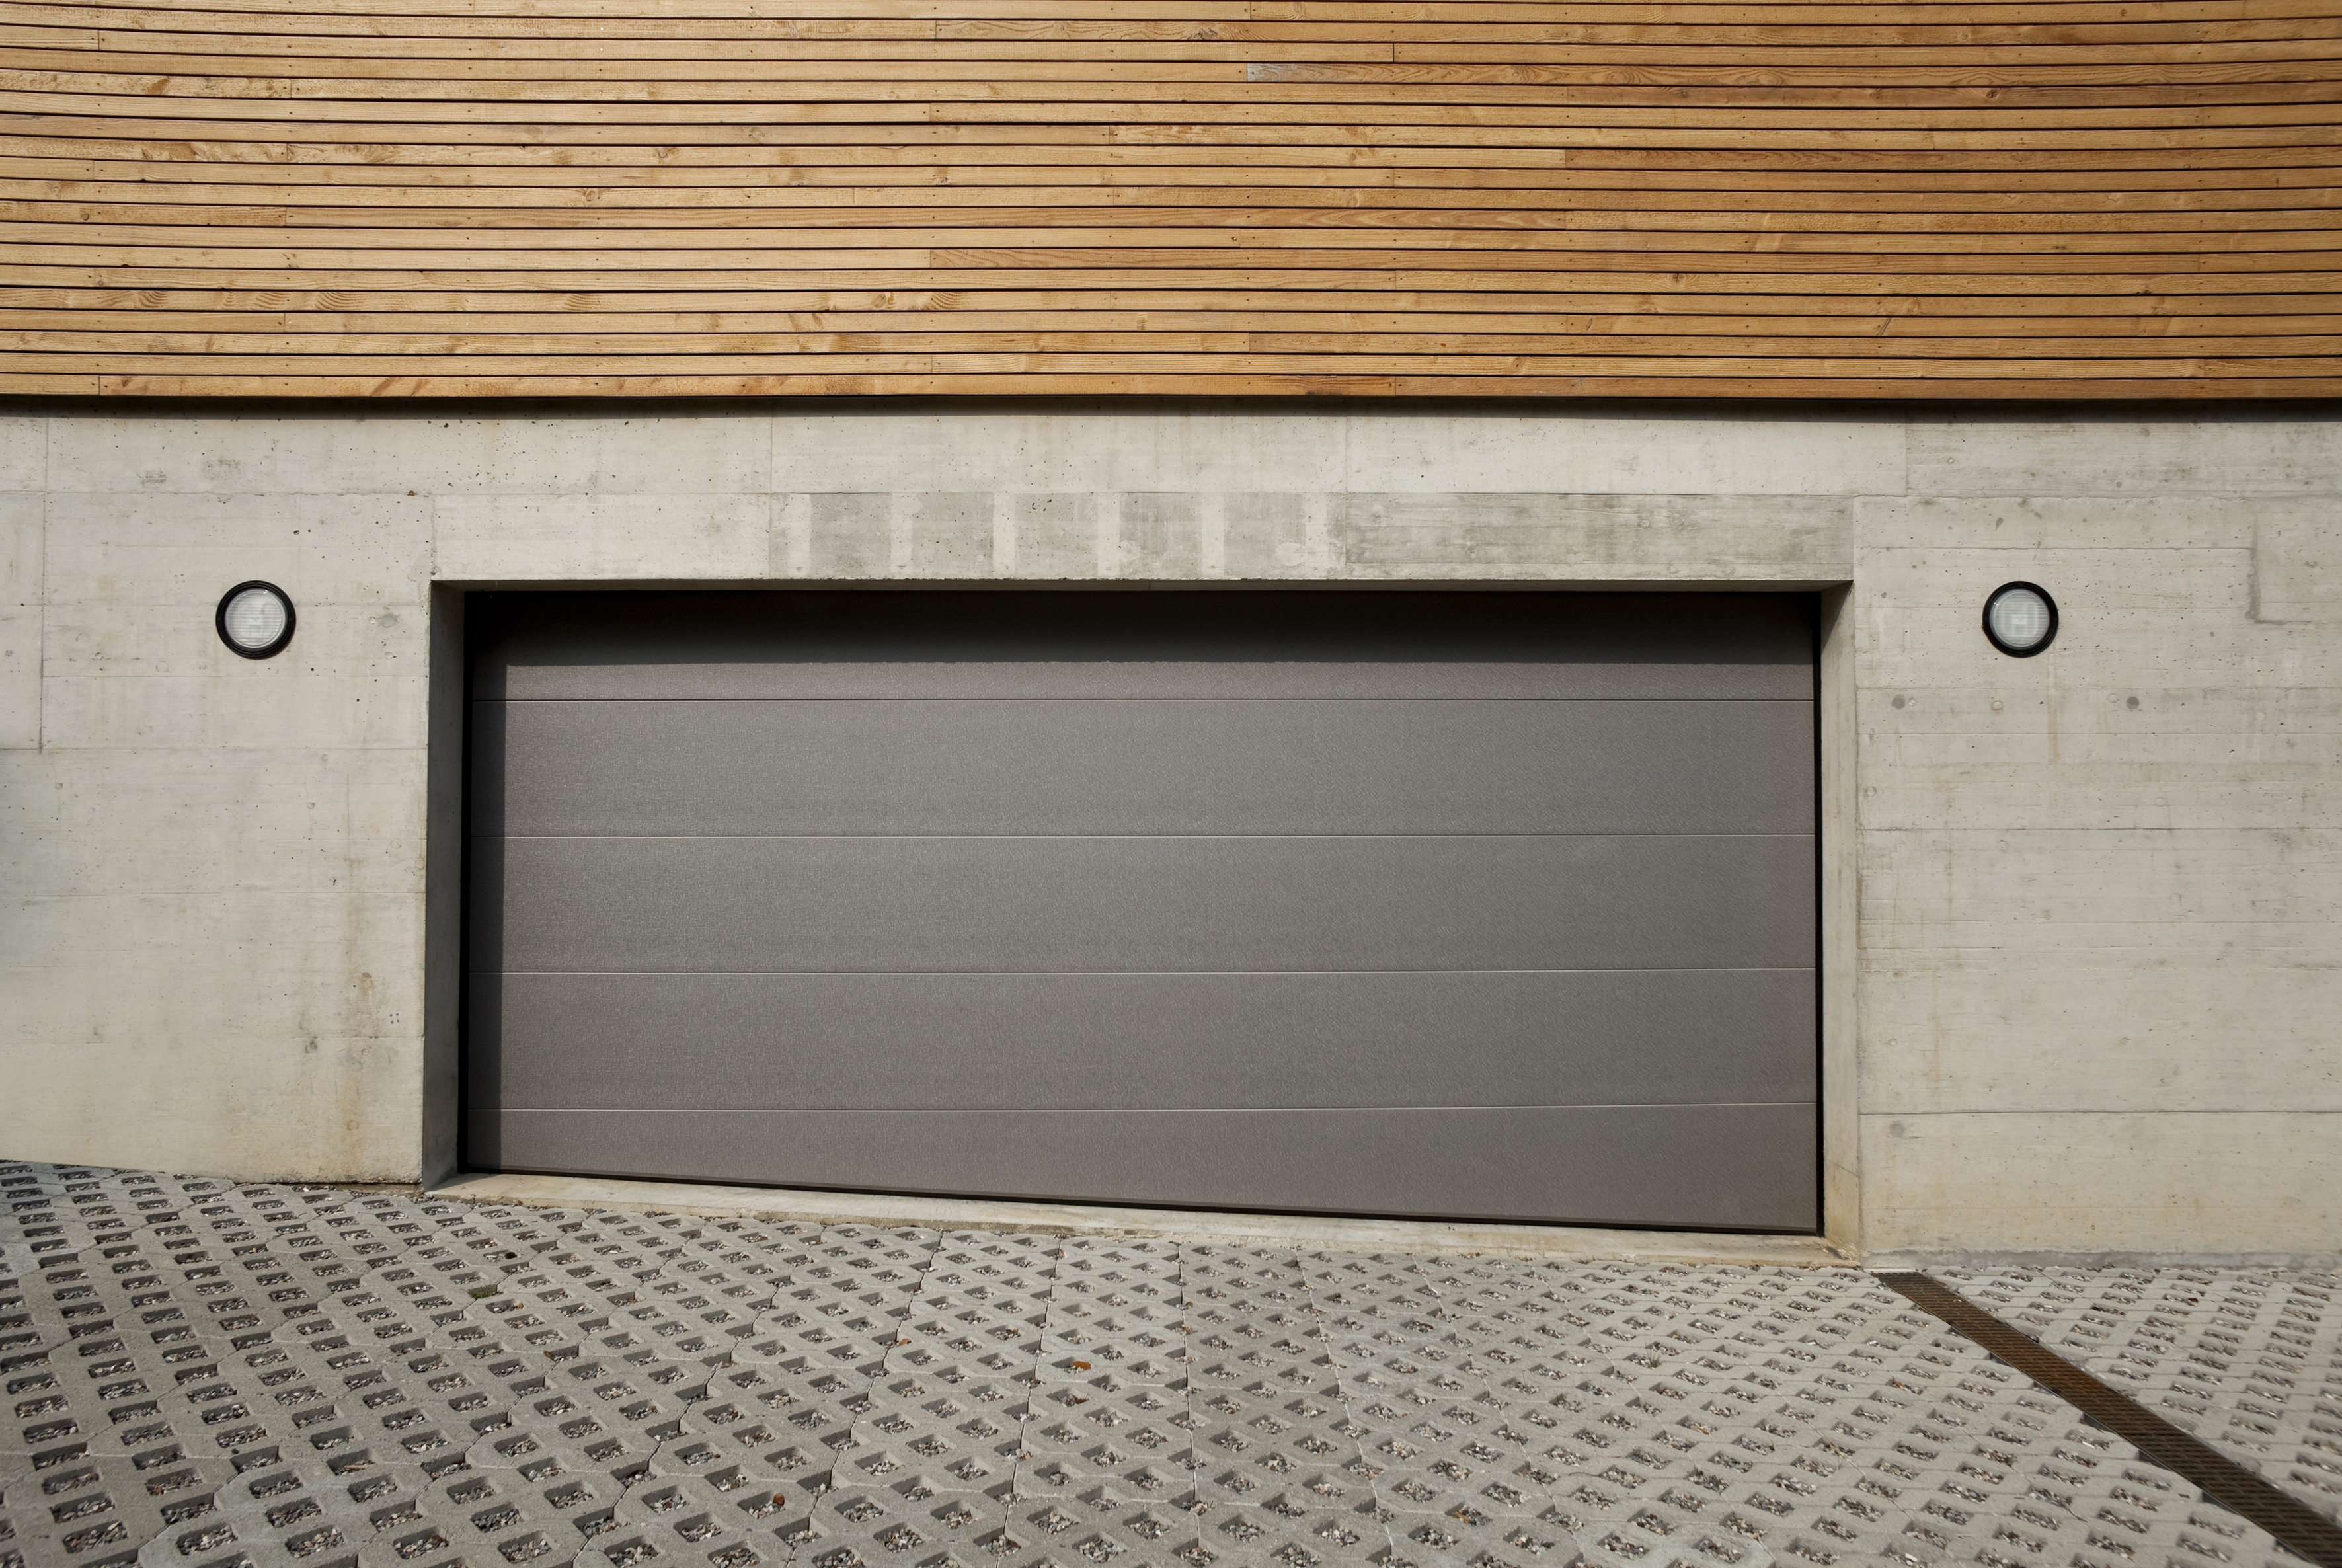 Sectionaaldeur op ongelijke vloer